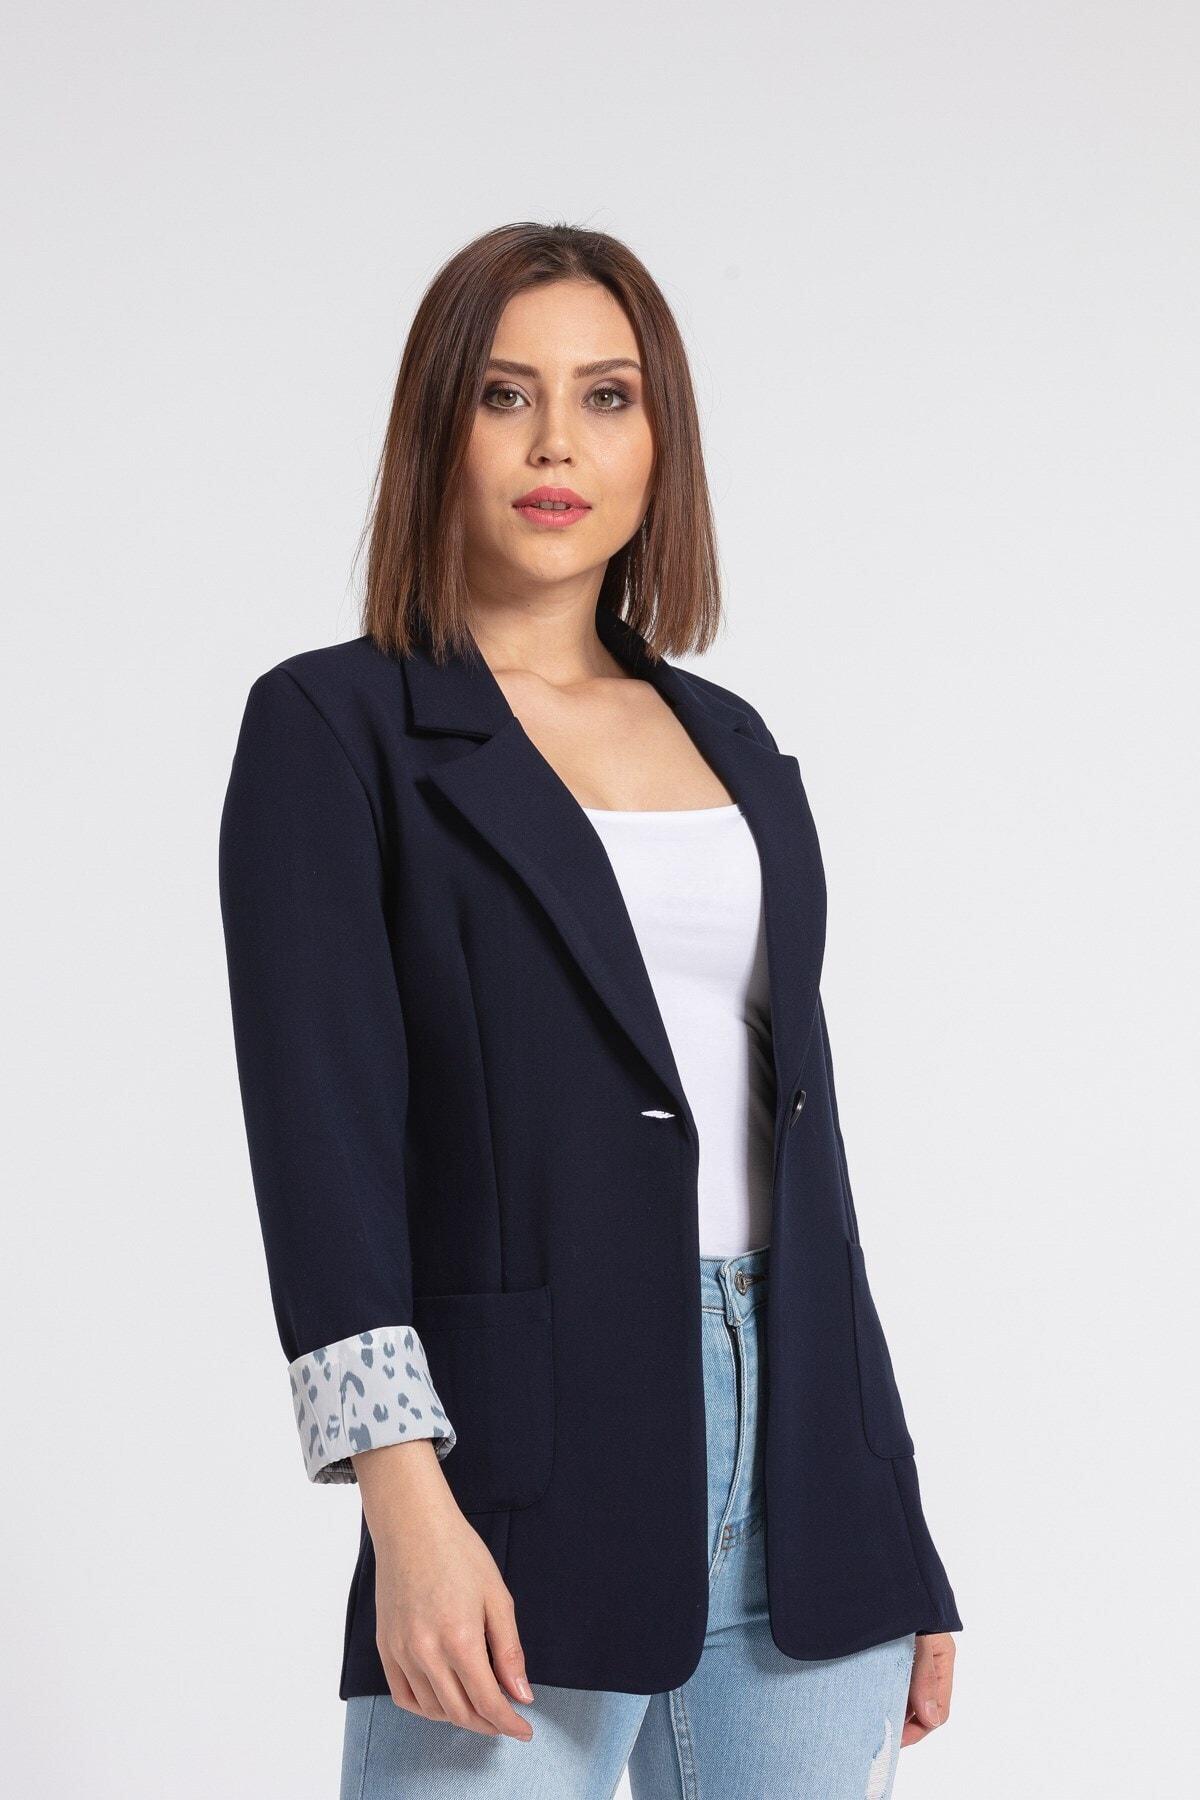 Kadın Lacivert Yakalı Cepli Uzun Kol Katlamalı Blazer Kumaş Ceket